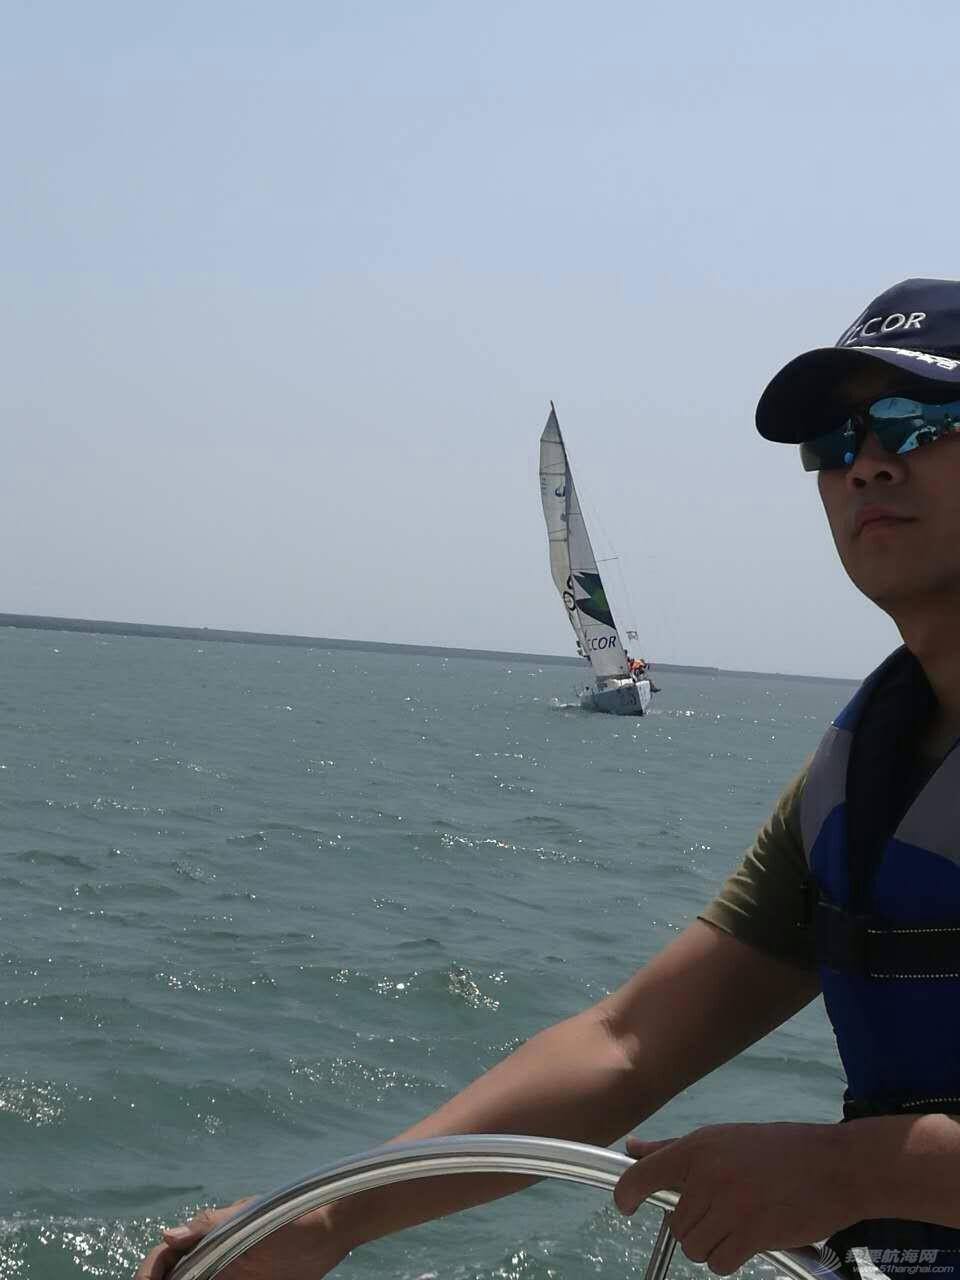 日照,秦皇岛,报名 飞驰杯的秦皇岛帆船赛,各种找感觉 mmexport1467468466678.jpg